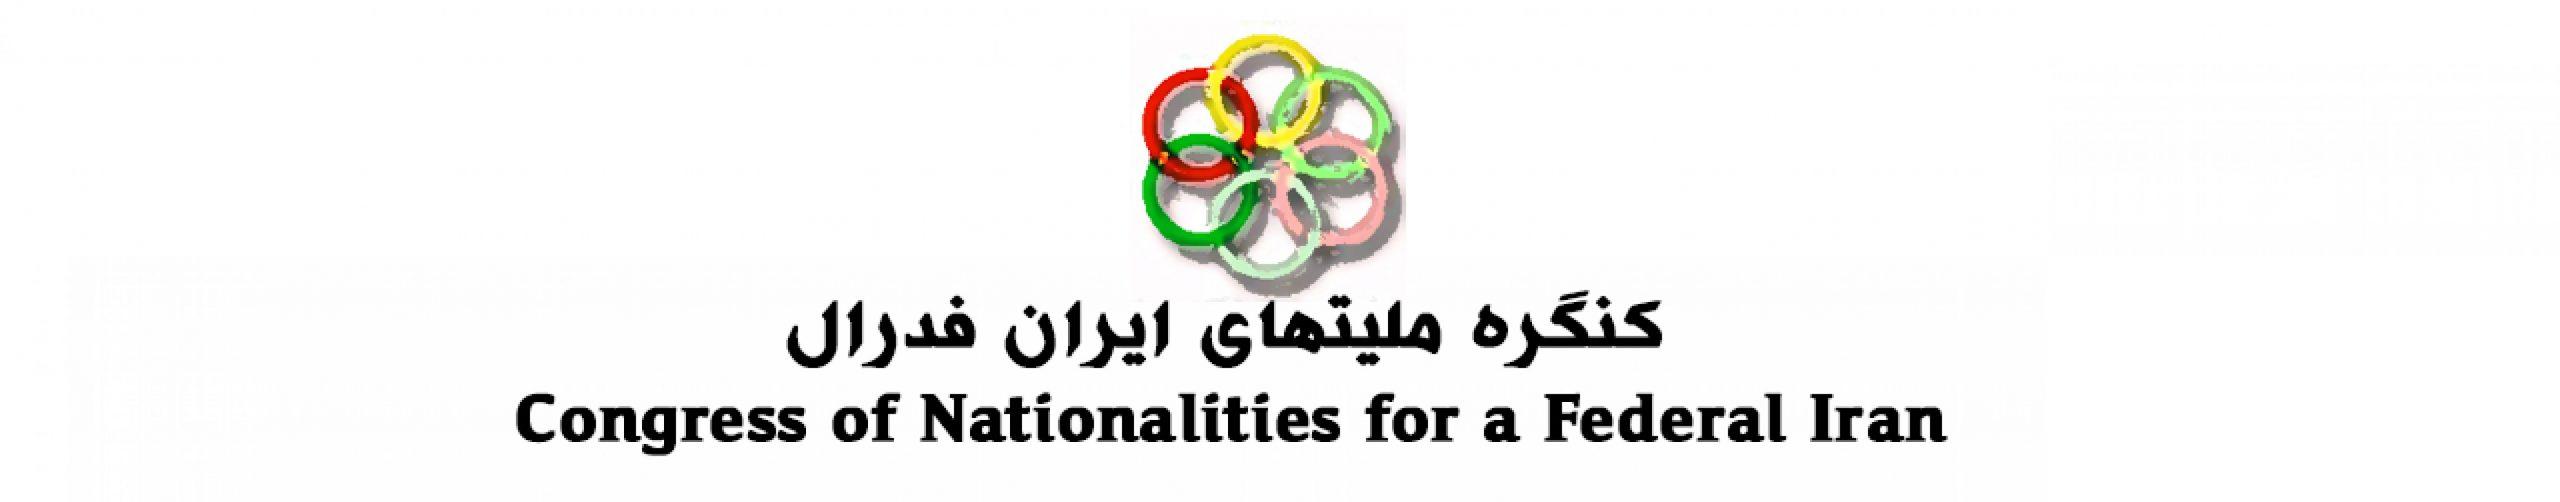 کنگره ملیتهای ایران فدرال